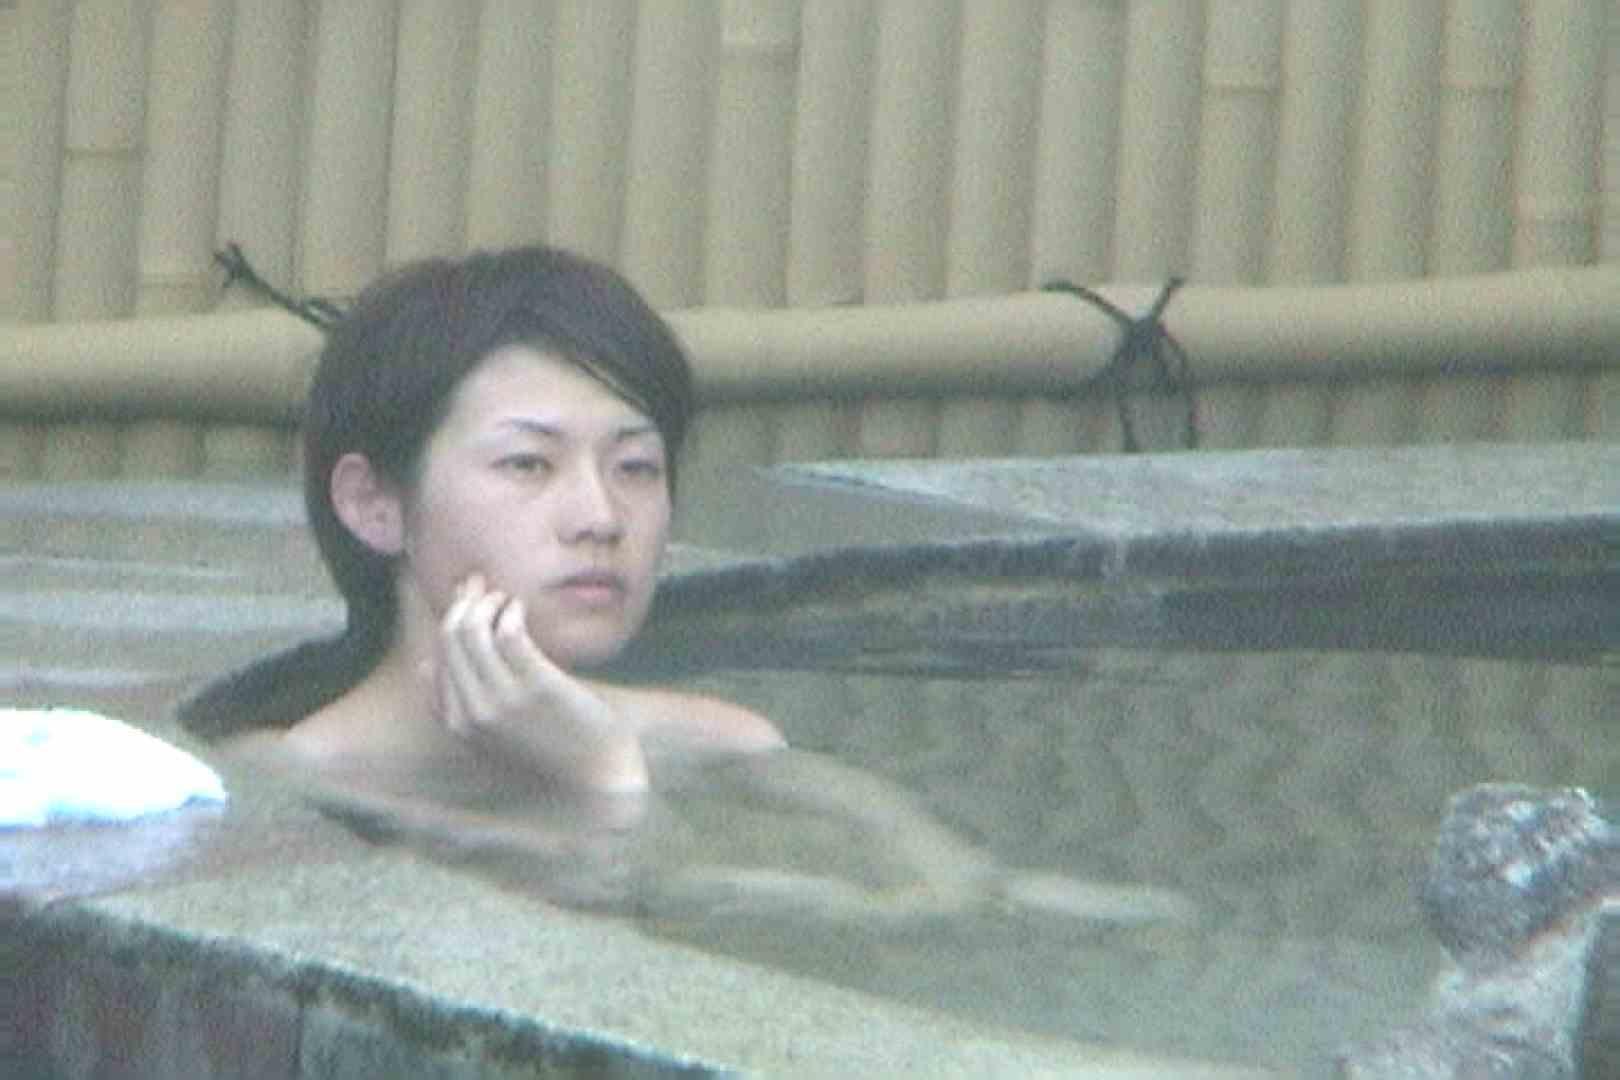 Aquaな露天風呂Vol.100【VIP限定】 盗撮   露天  98pic 31